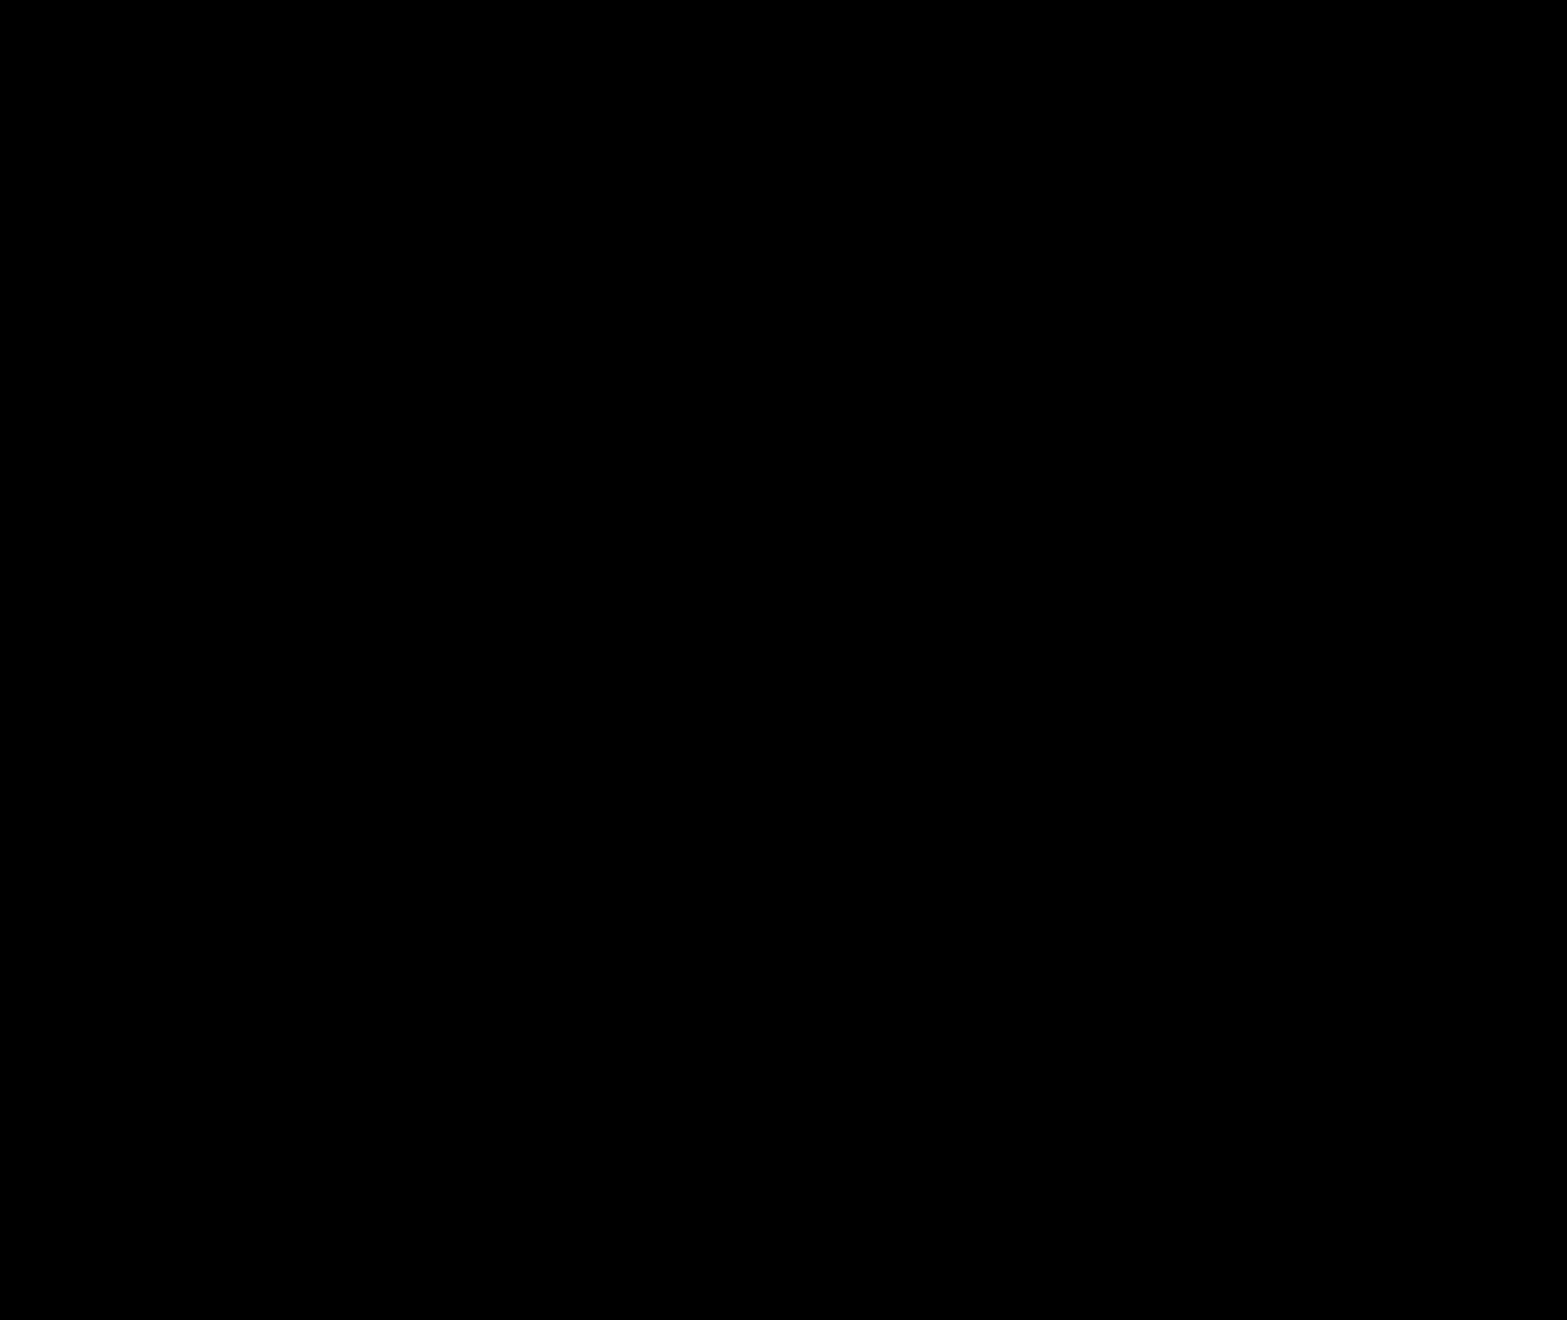 Подробно о корутинах в C++ - 3